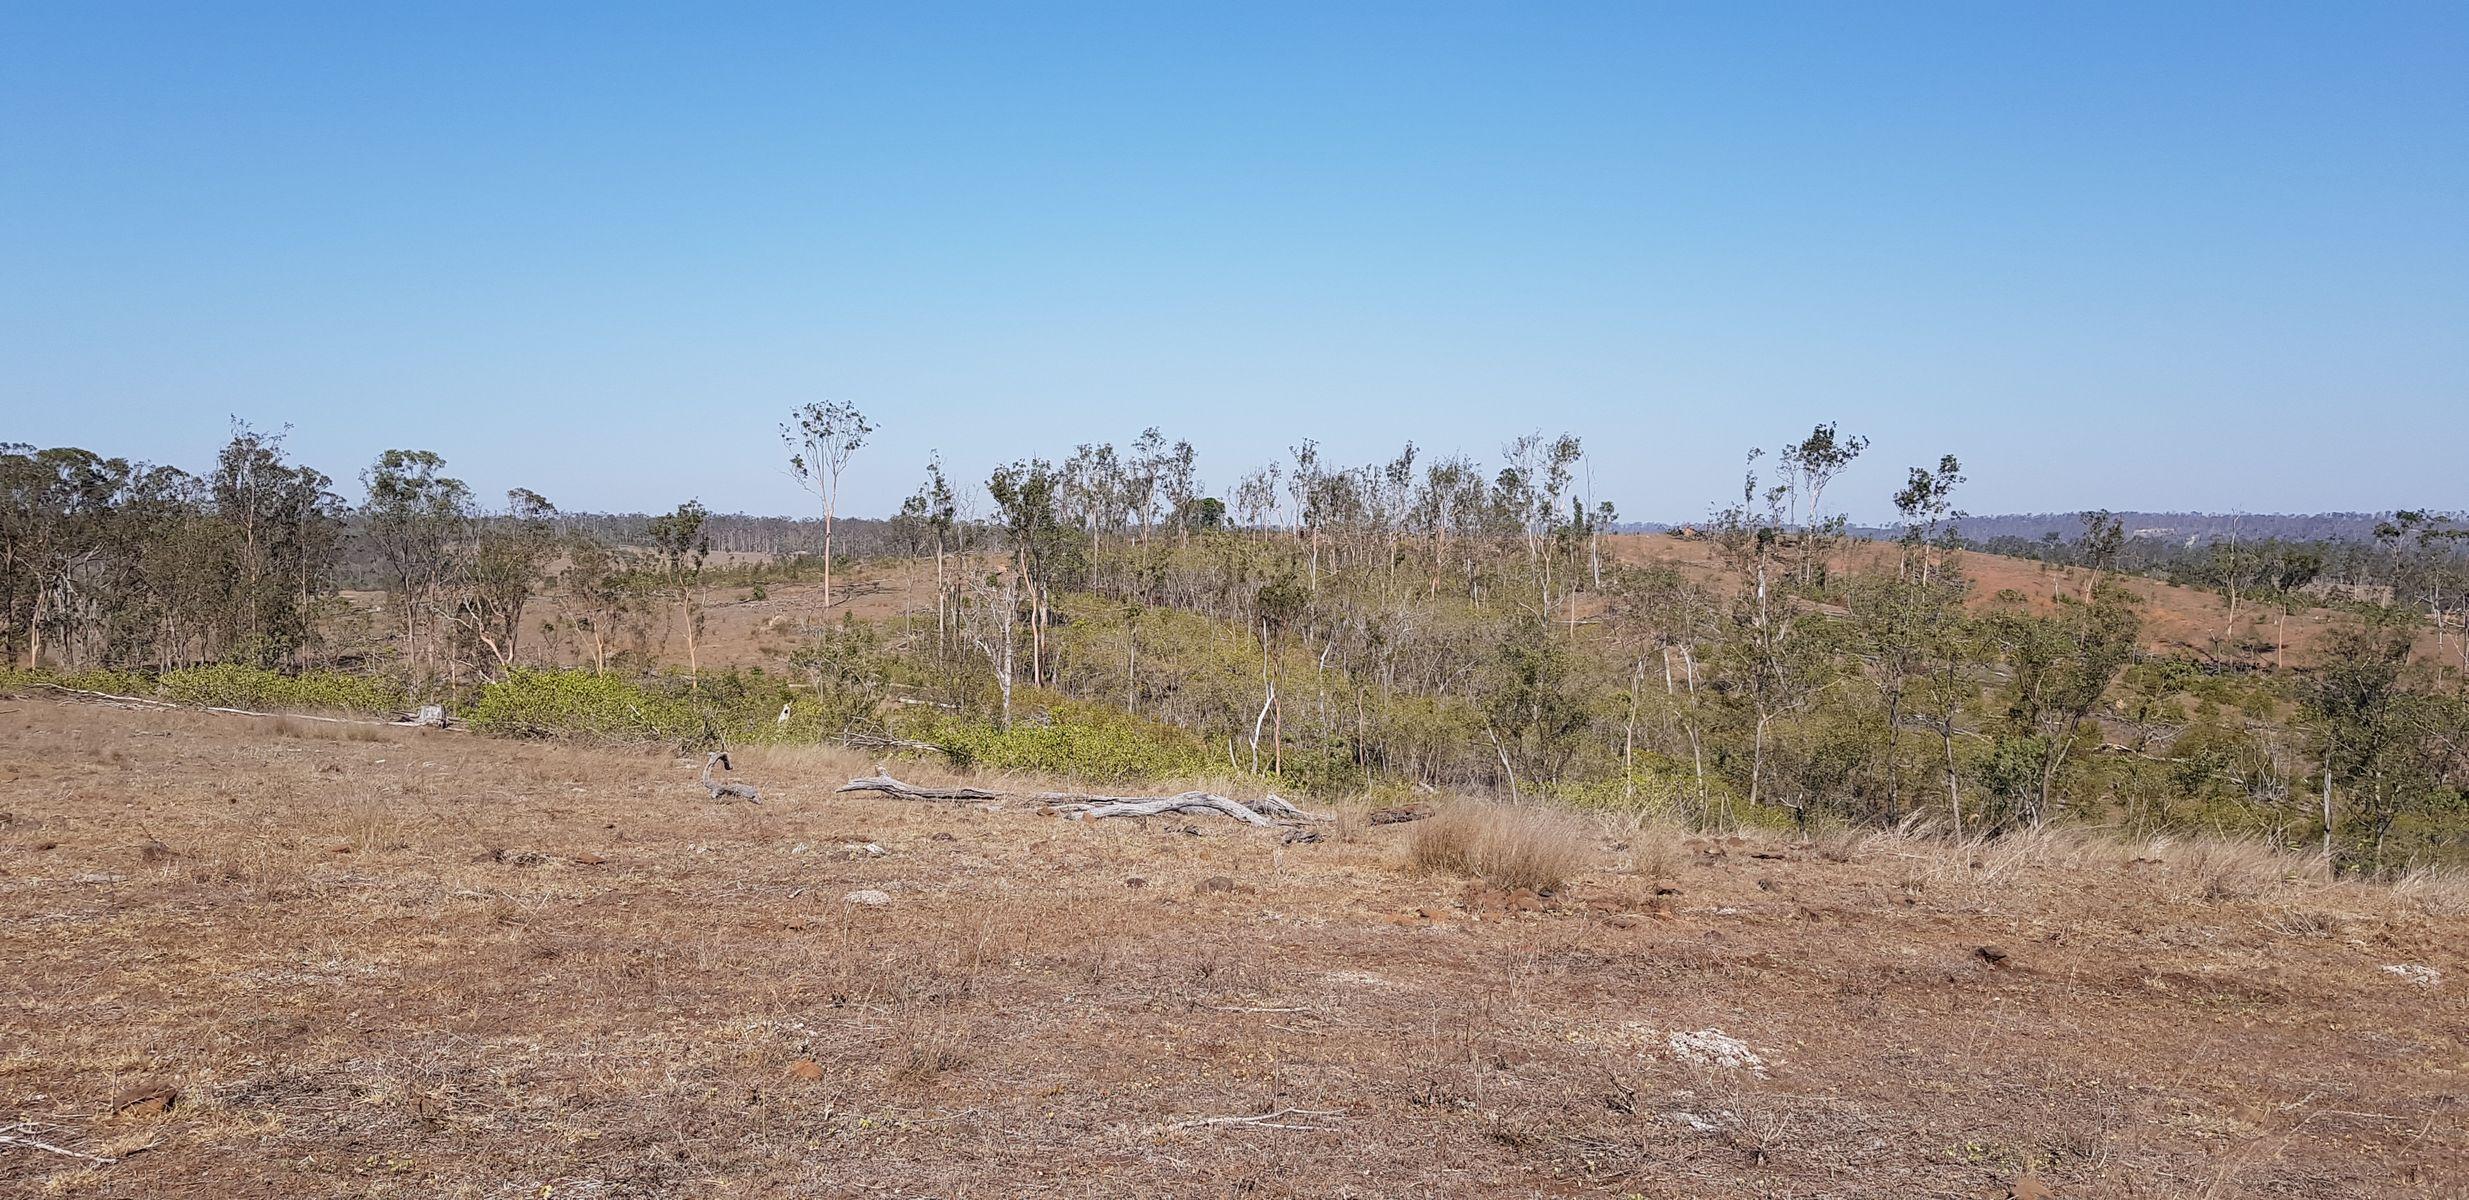 Lot 9/C37416 & 8/CK125 Mahoneys Road, Bucca, QLD 4670